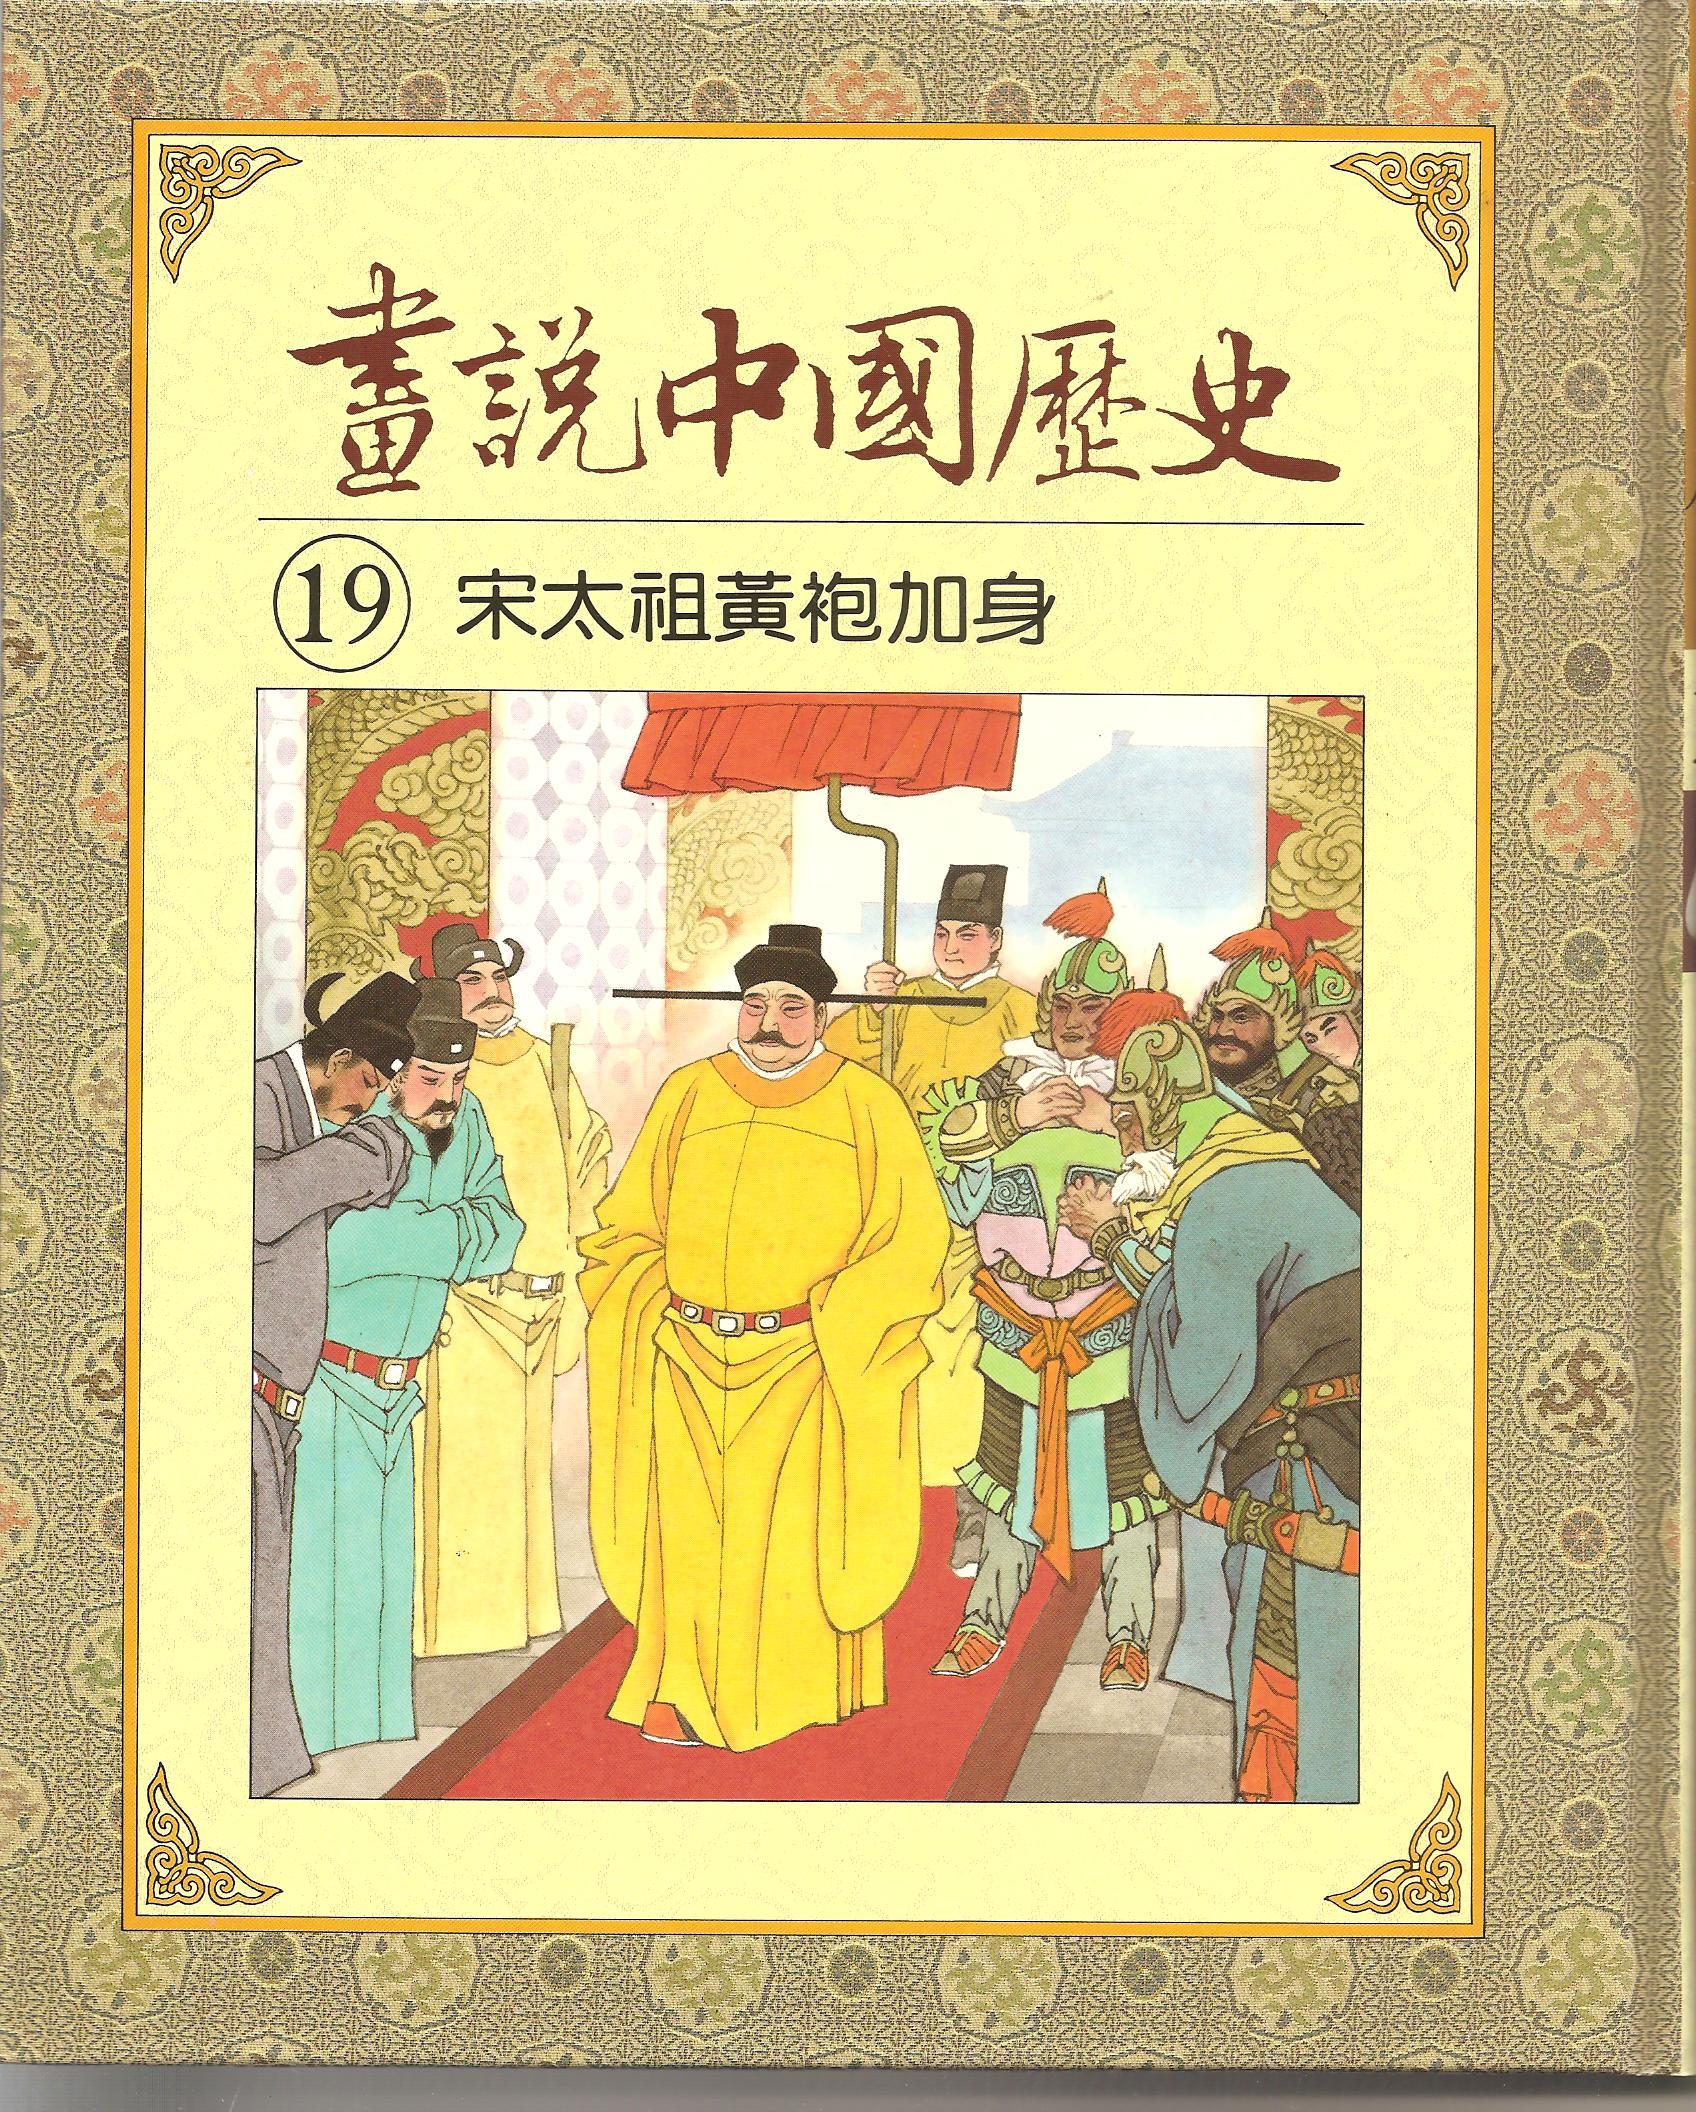 畫說中國歷史19:宋太祖黃袍加身